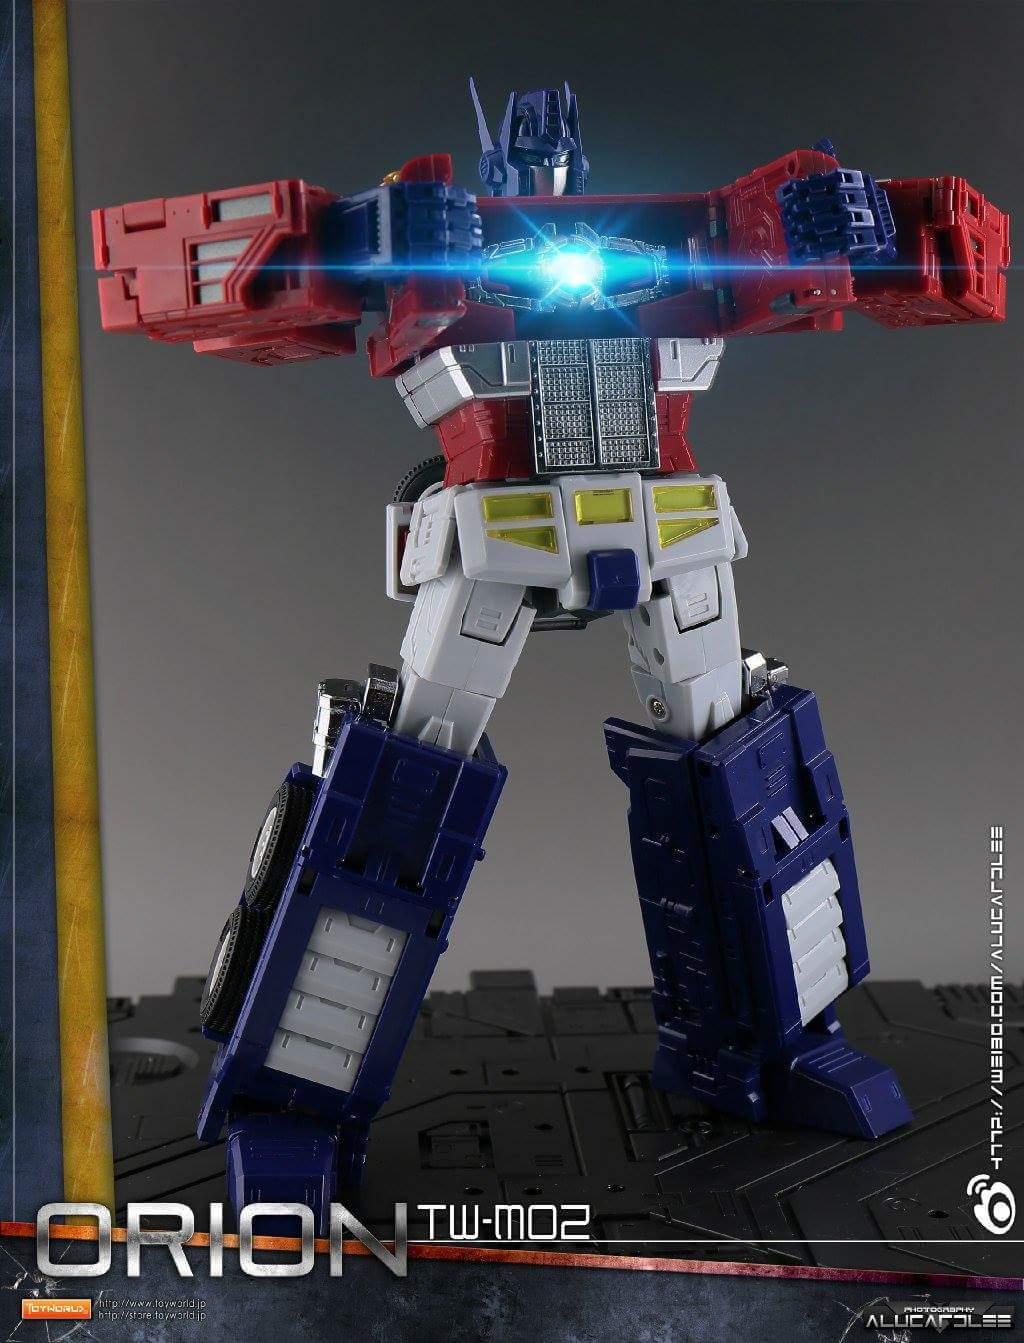 [ToyWorld][Zeta Toys] Produit Tiers - TW-M01 Primorion/Zeta-EX6O OriPrime et Zeta -EX6E EvaPrime - aka Optimus (G1 et Evangelion) 6KdurkVx